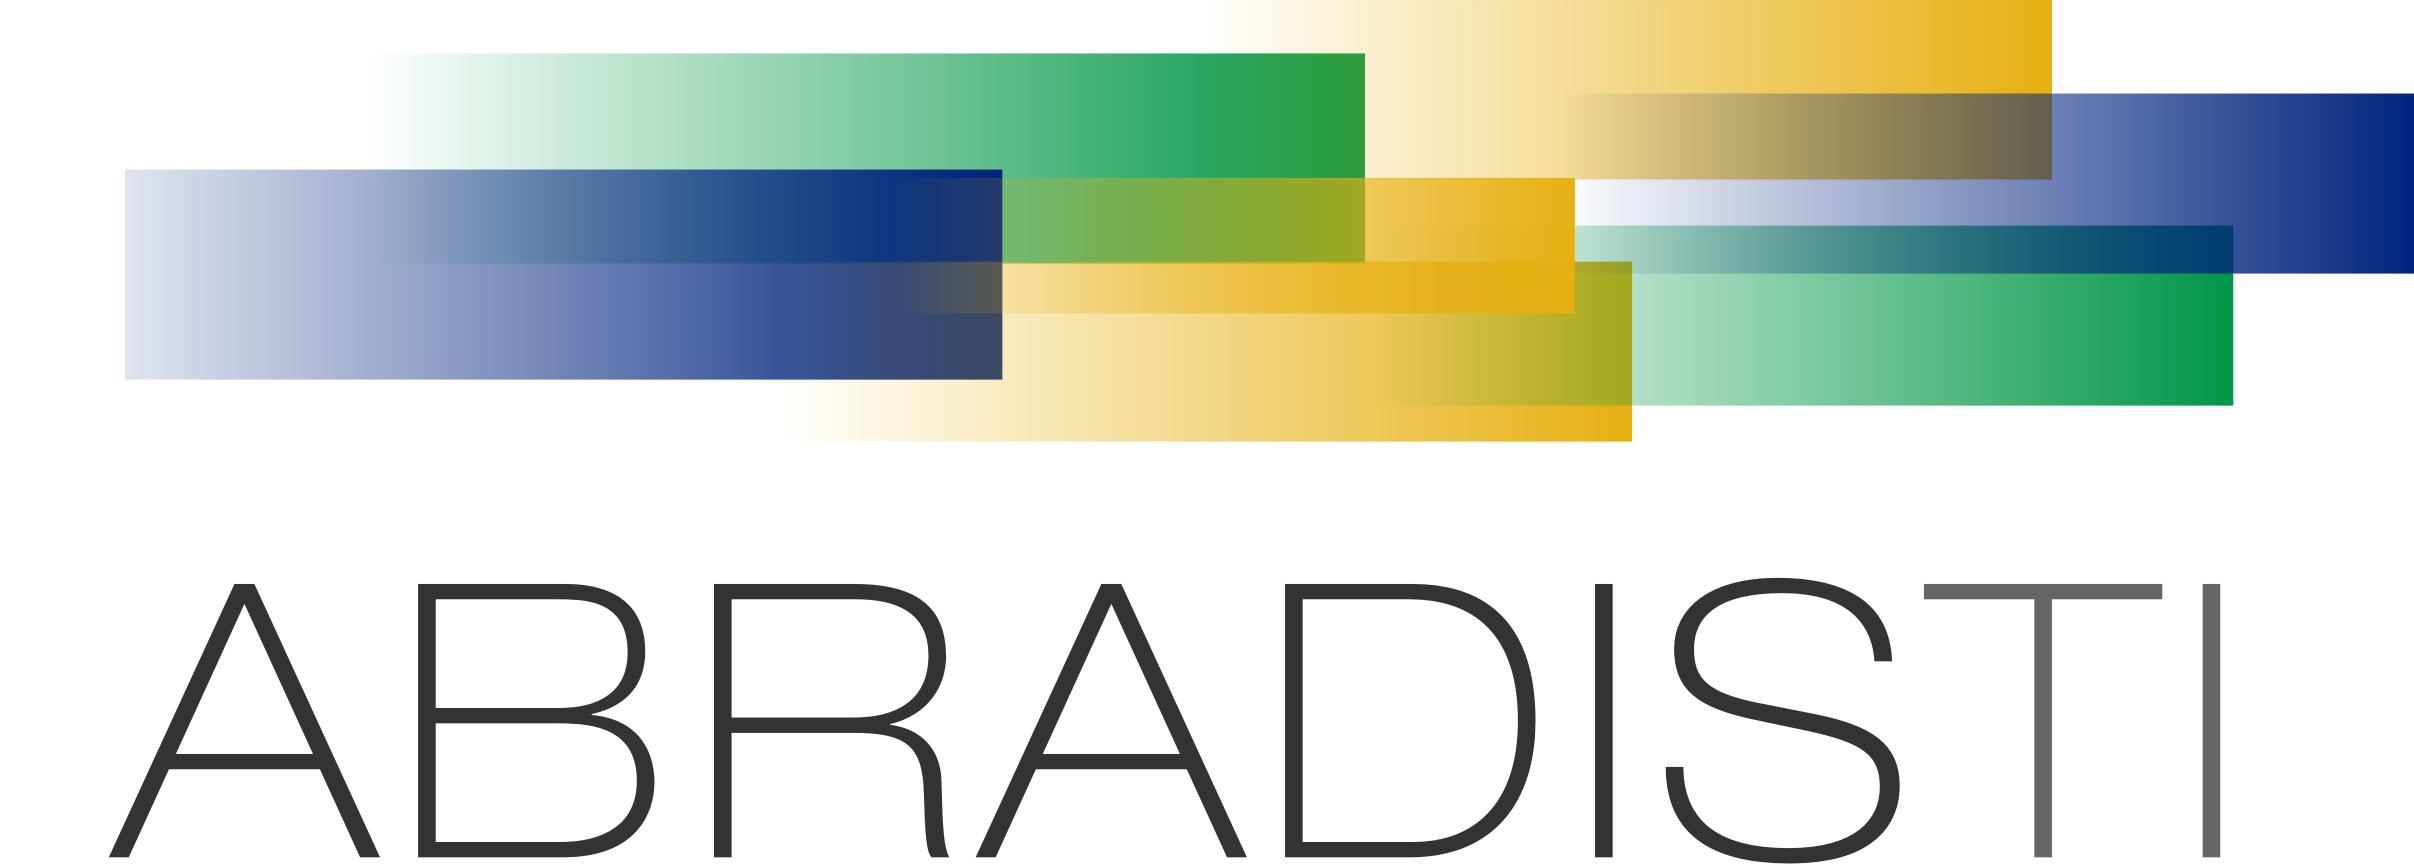 abradisti_logo